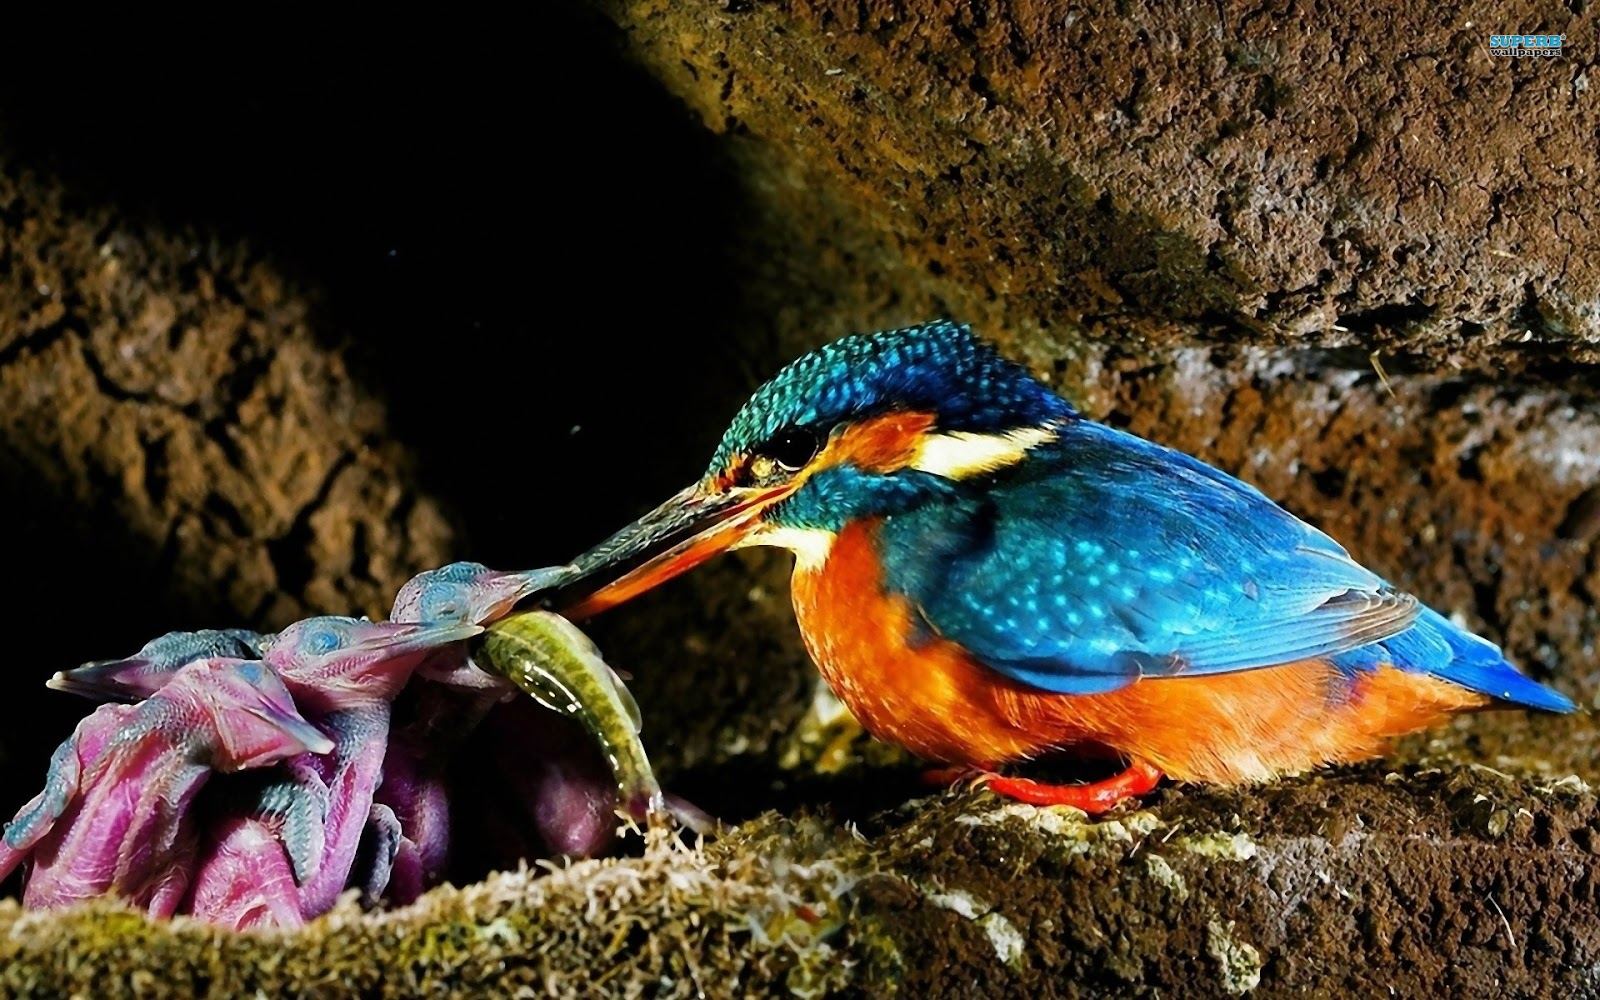 Malachite Kingfisher Beautiful Bird Of The World